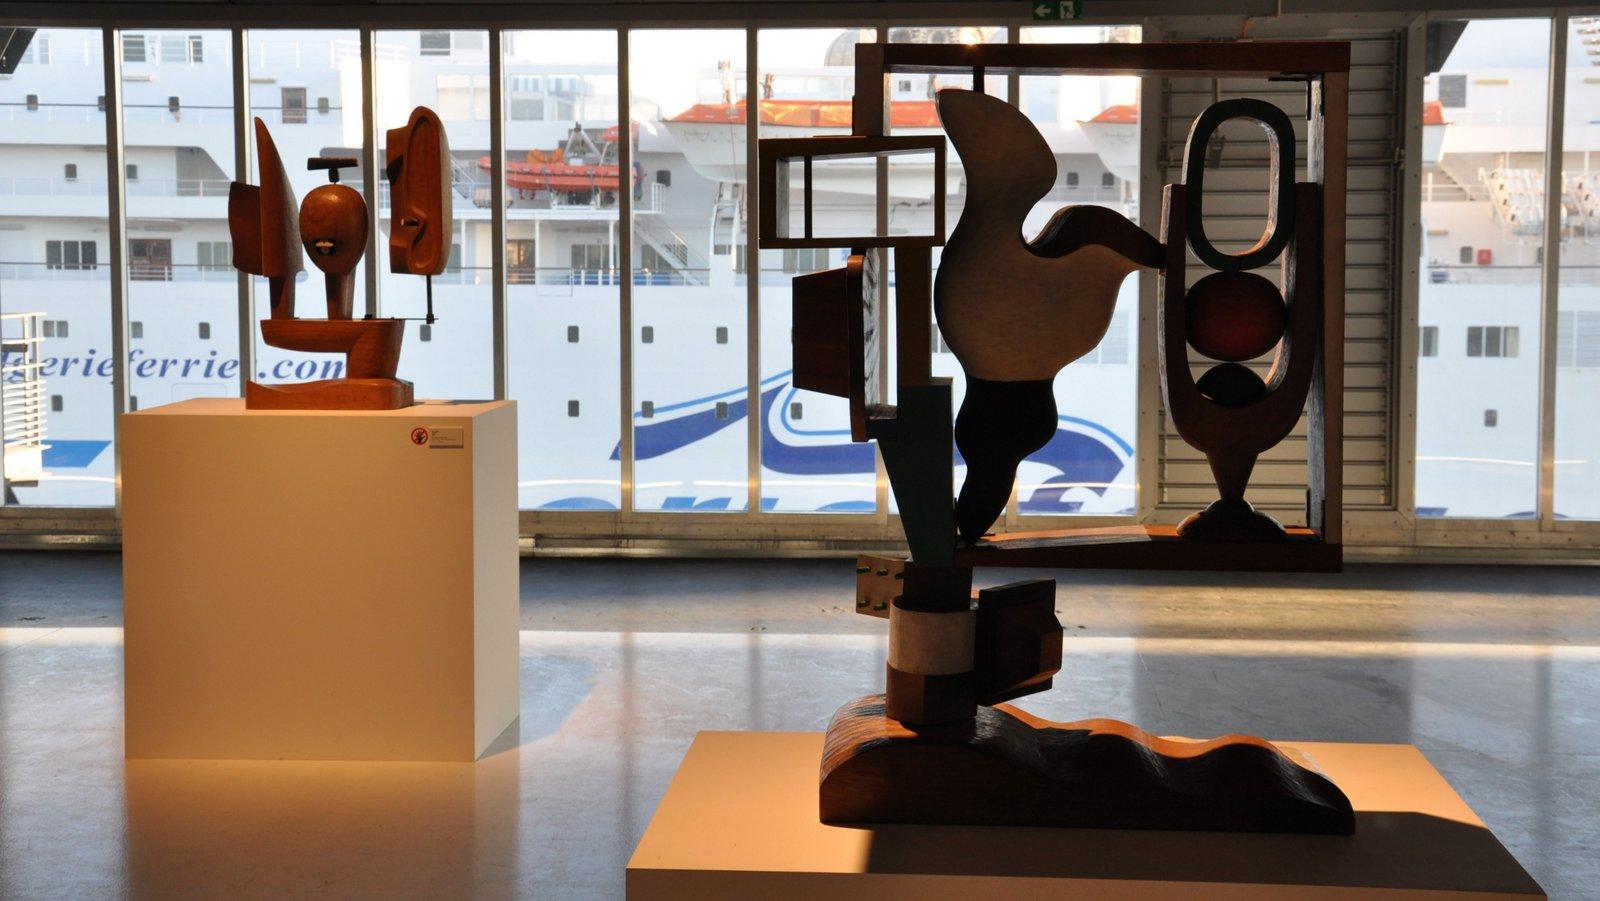 Sculptures de Le Corbusier avec vue sur un ferry amarré devant le J1